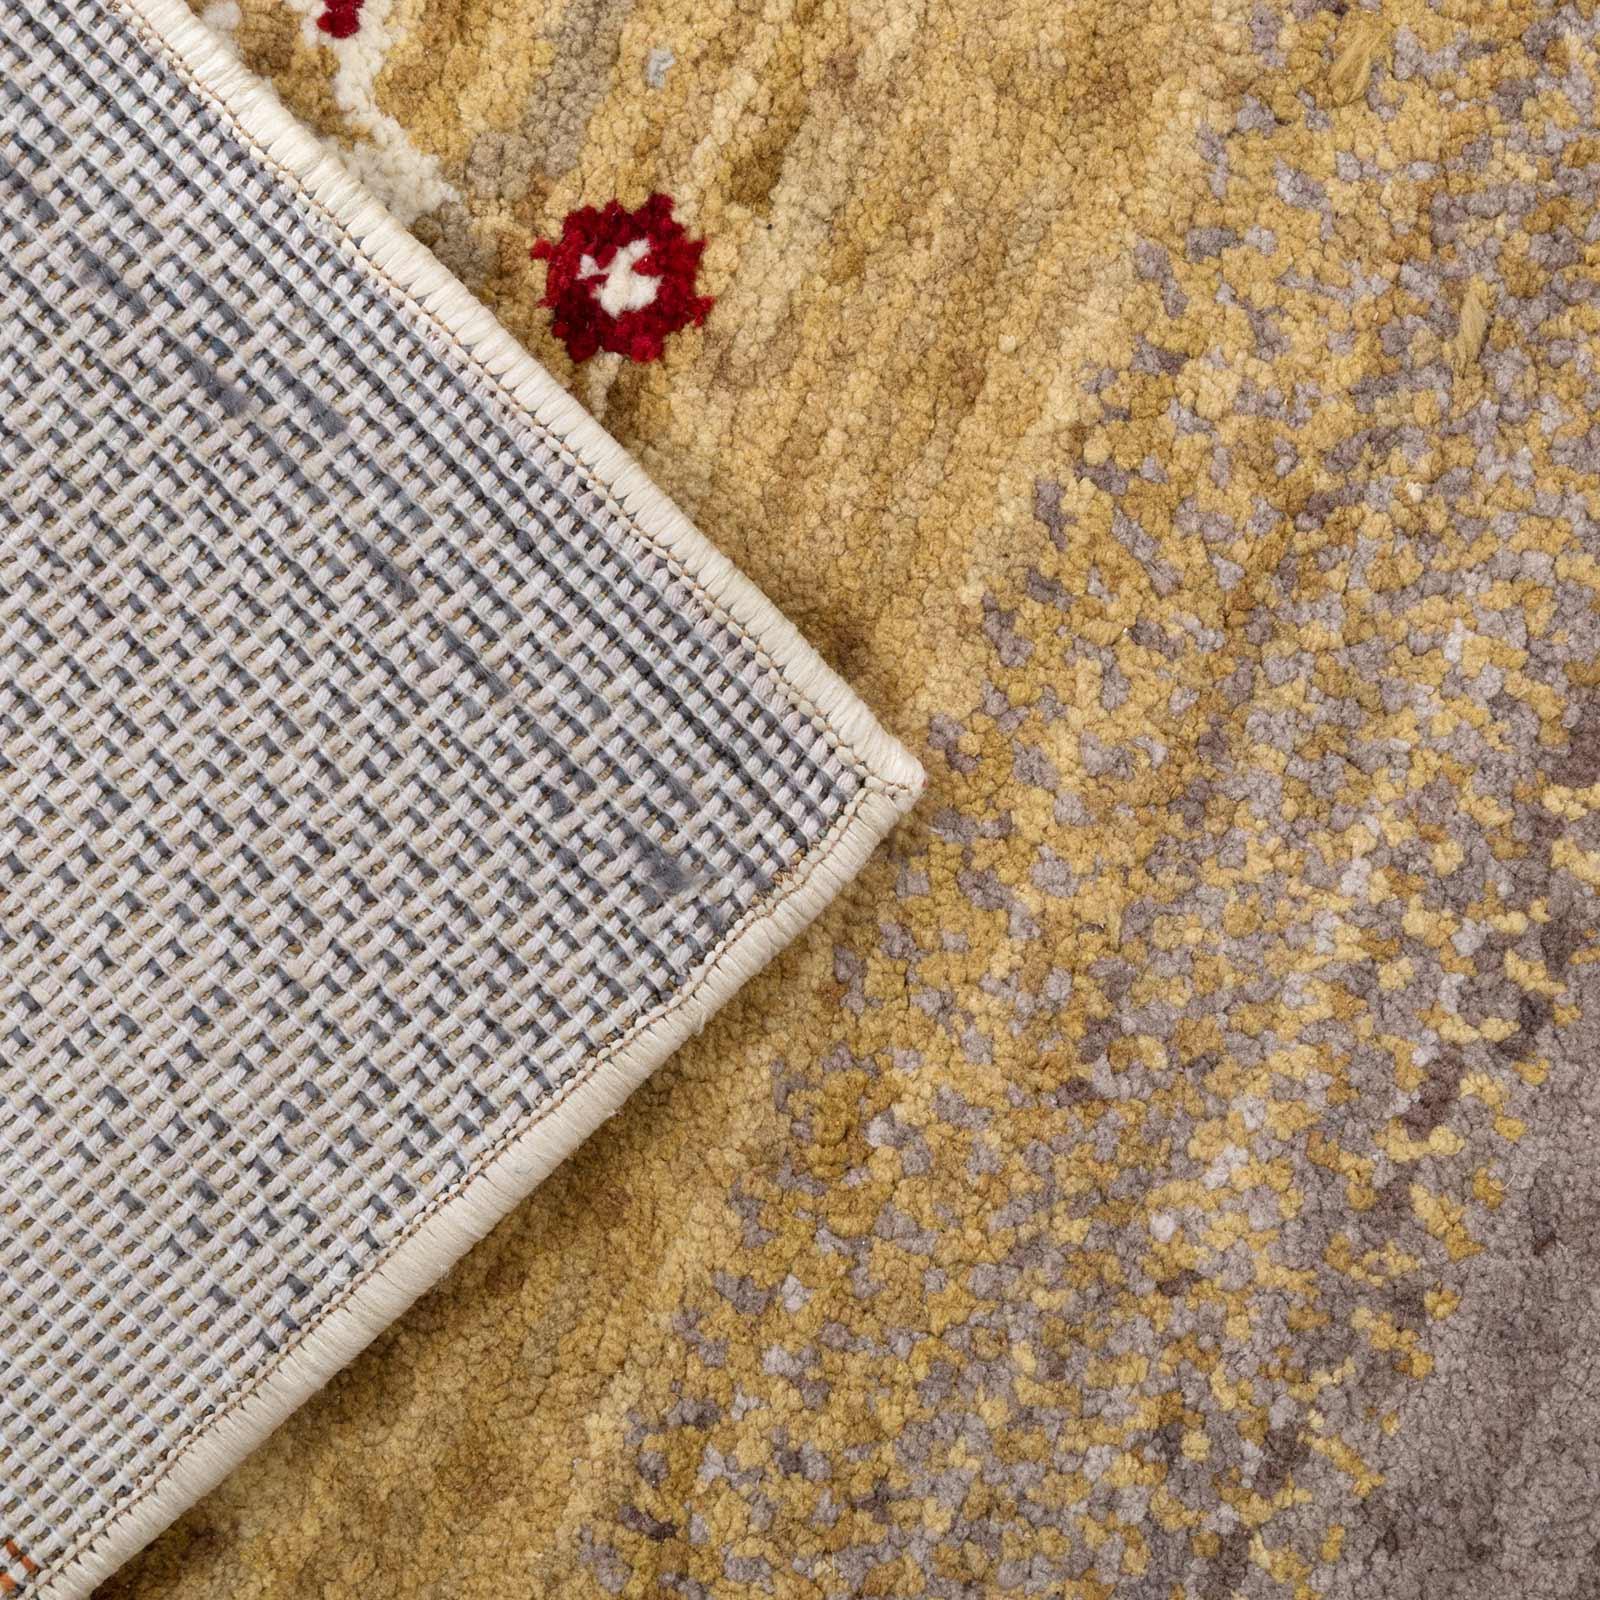 gabbeh teppich wohnzimmer mehrfarbig grau beige rot creme braun blau kurzflor ebay. Black Bedroom Furniture Sets. Home Design Ideas